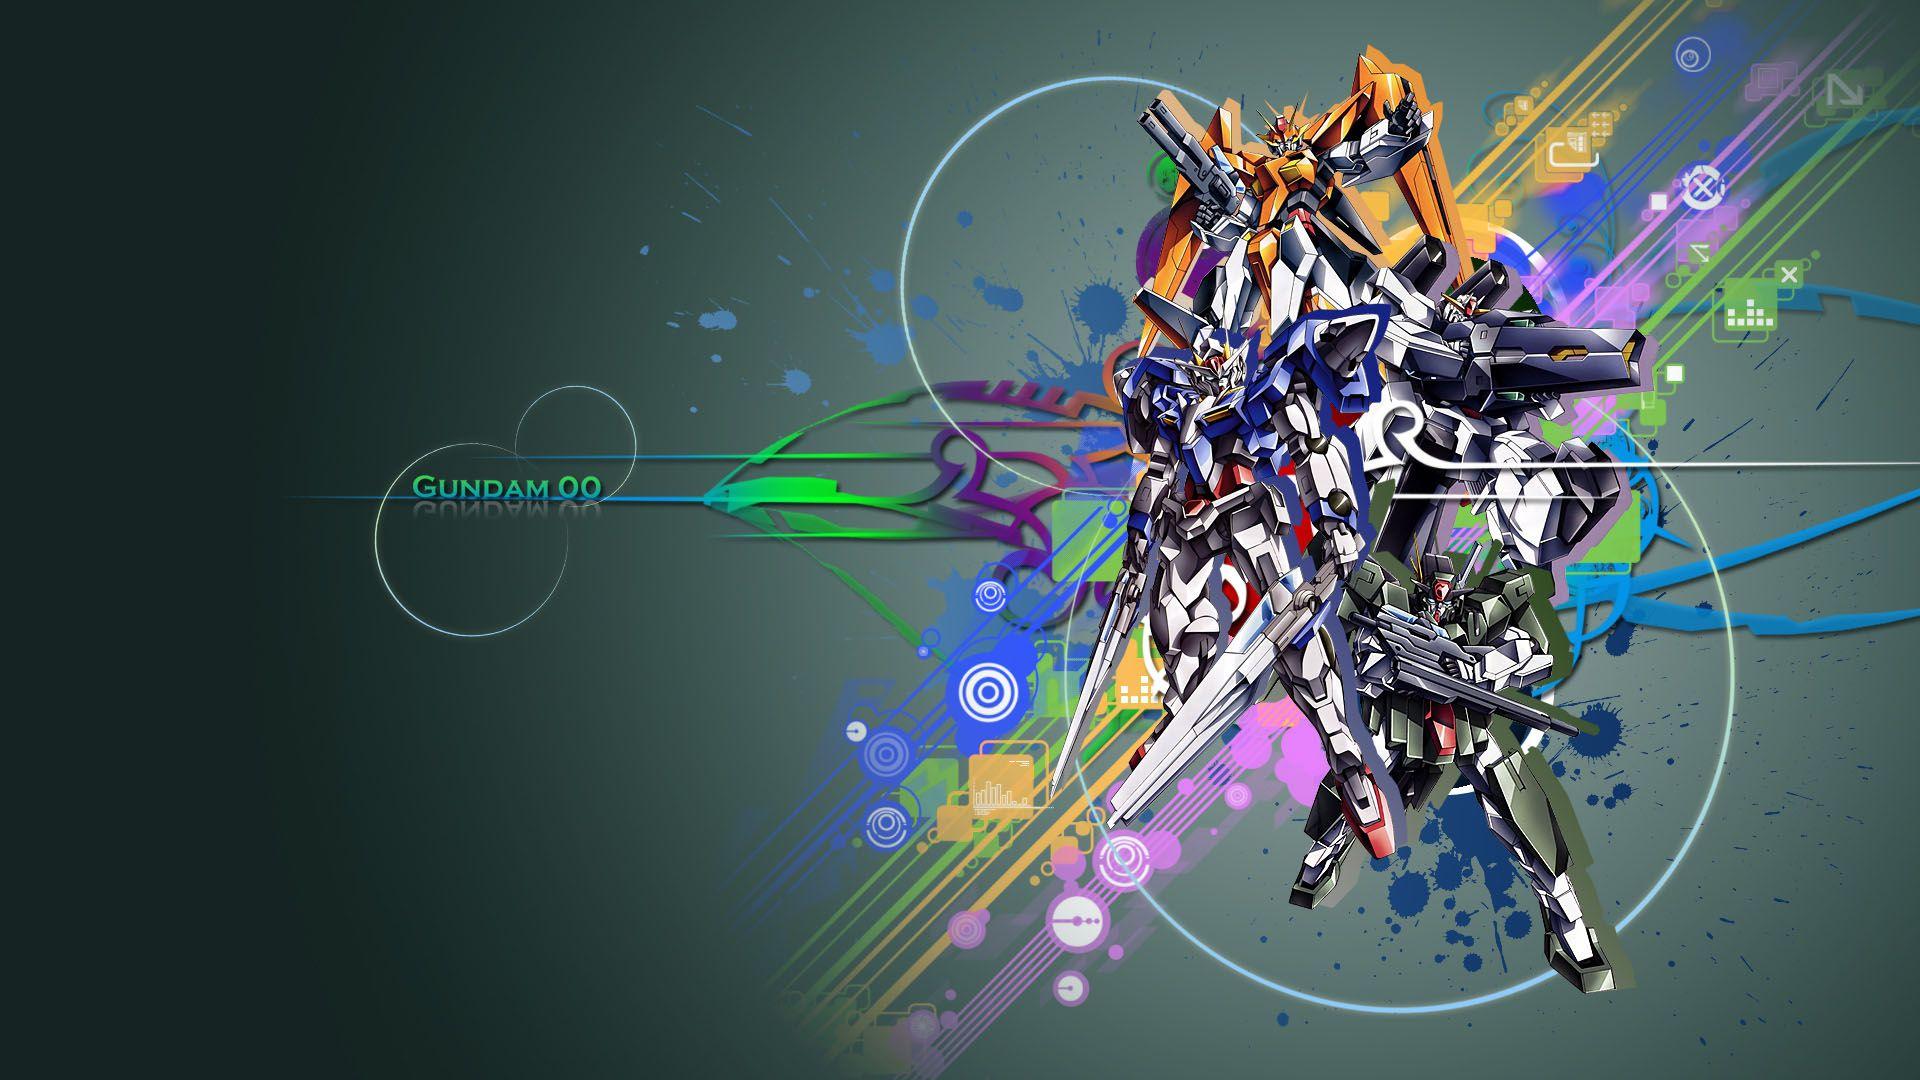 Gundam 00 Mobile Suit Hd Wallpaper Seni